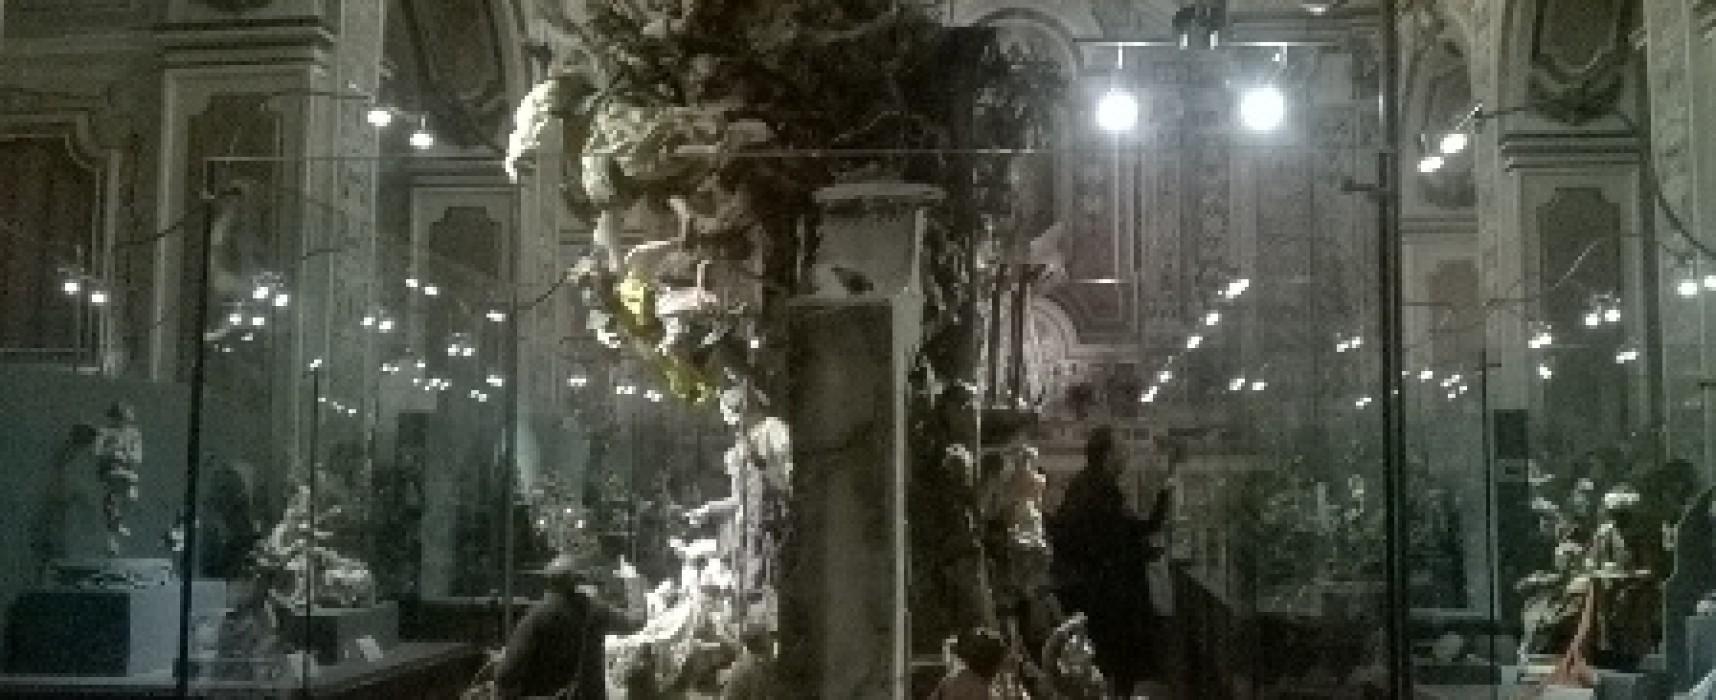 #Presepe vivente, da Forcella a Portici, i presepi reali